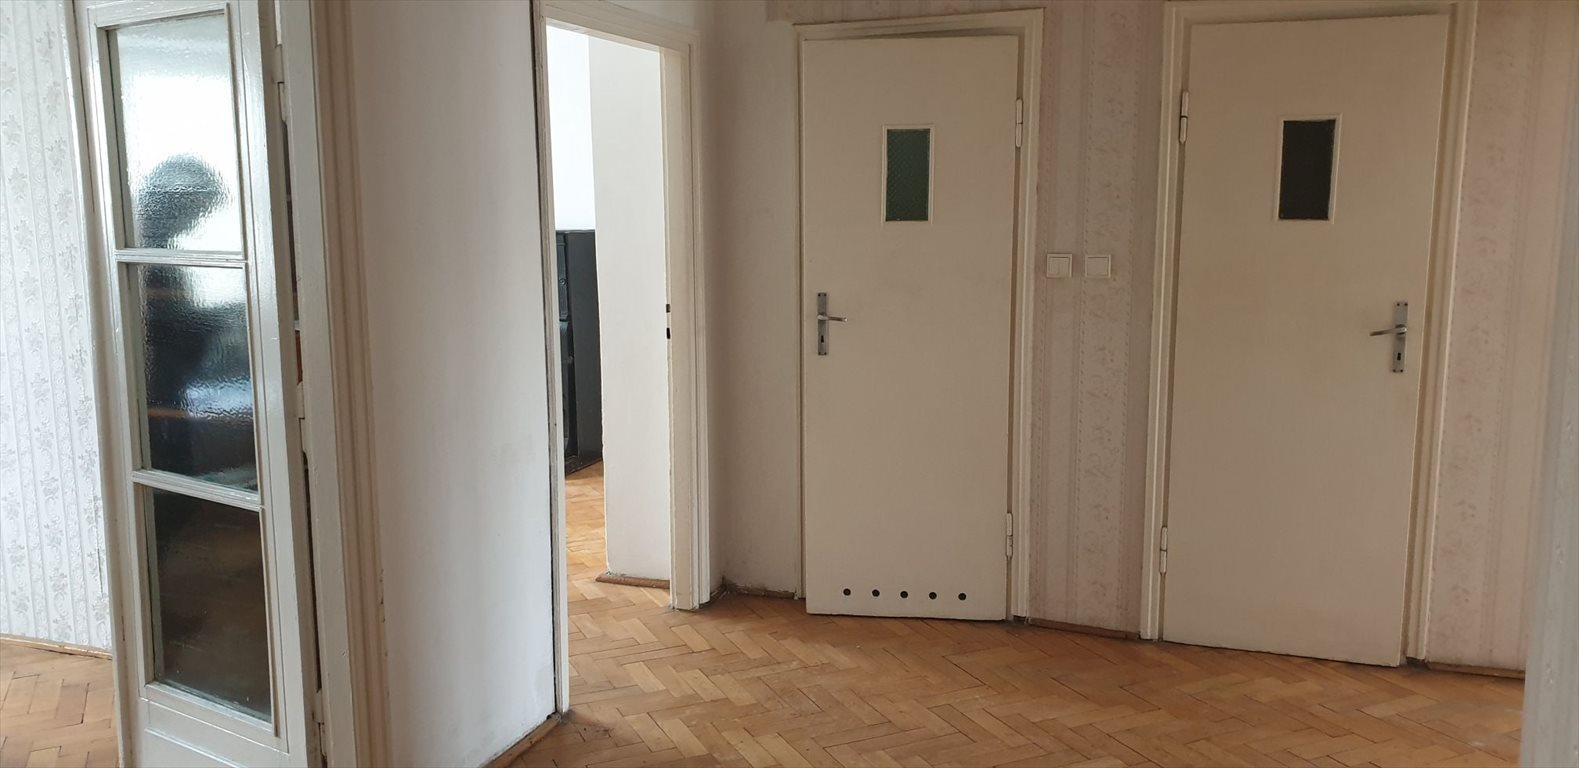 Mieszkanie trzypokojowe na sprzedaż Warszawa, Śródmieście, Warecka/ Nowy Świat  64m2 Foto 7